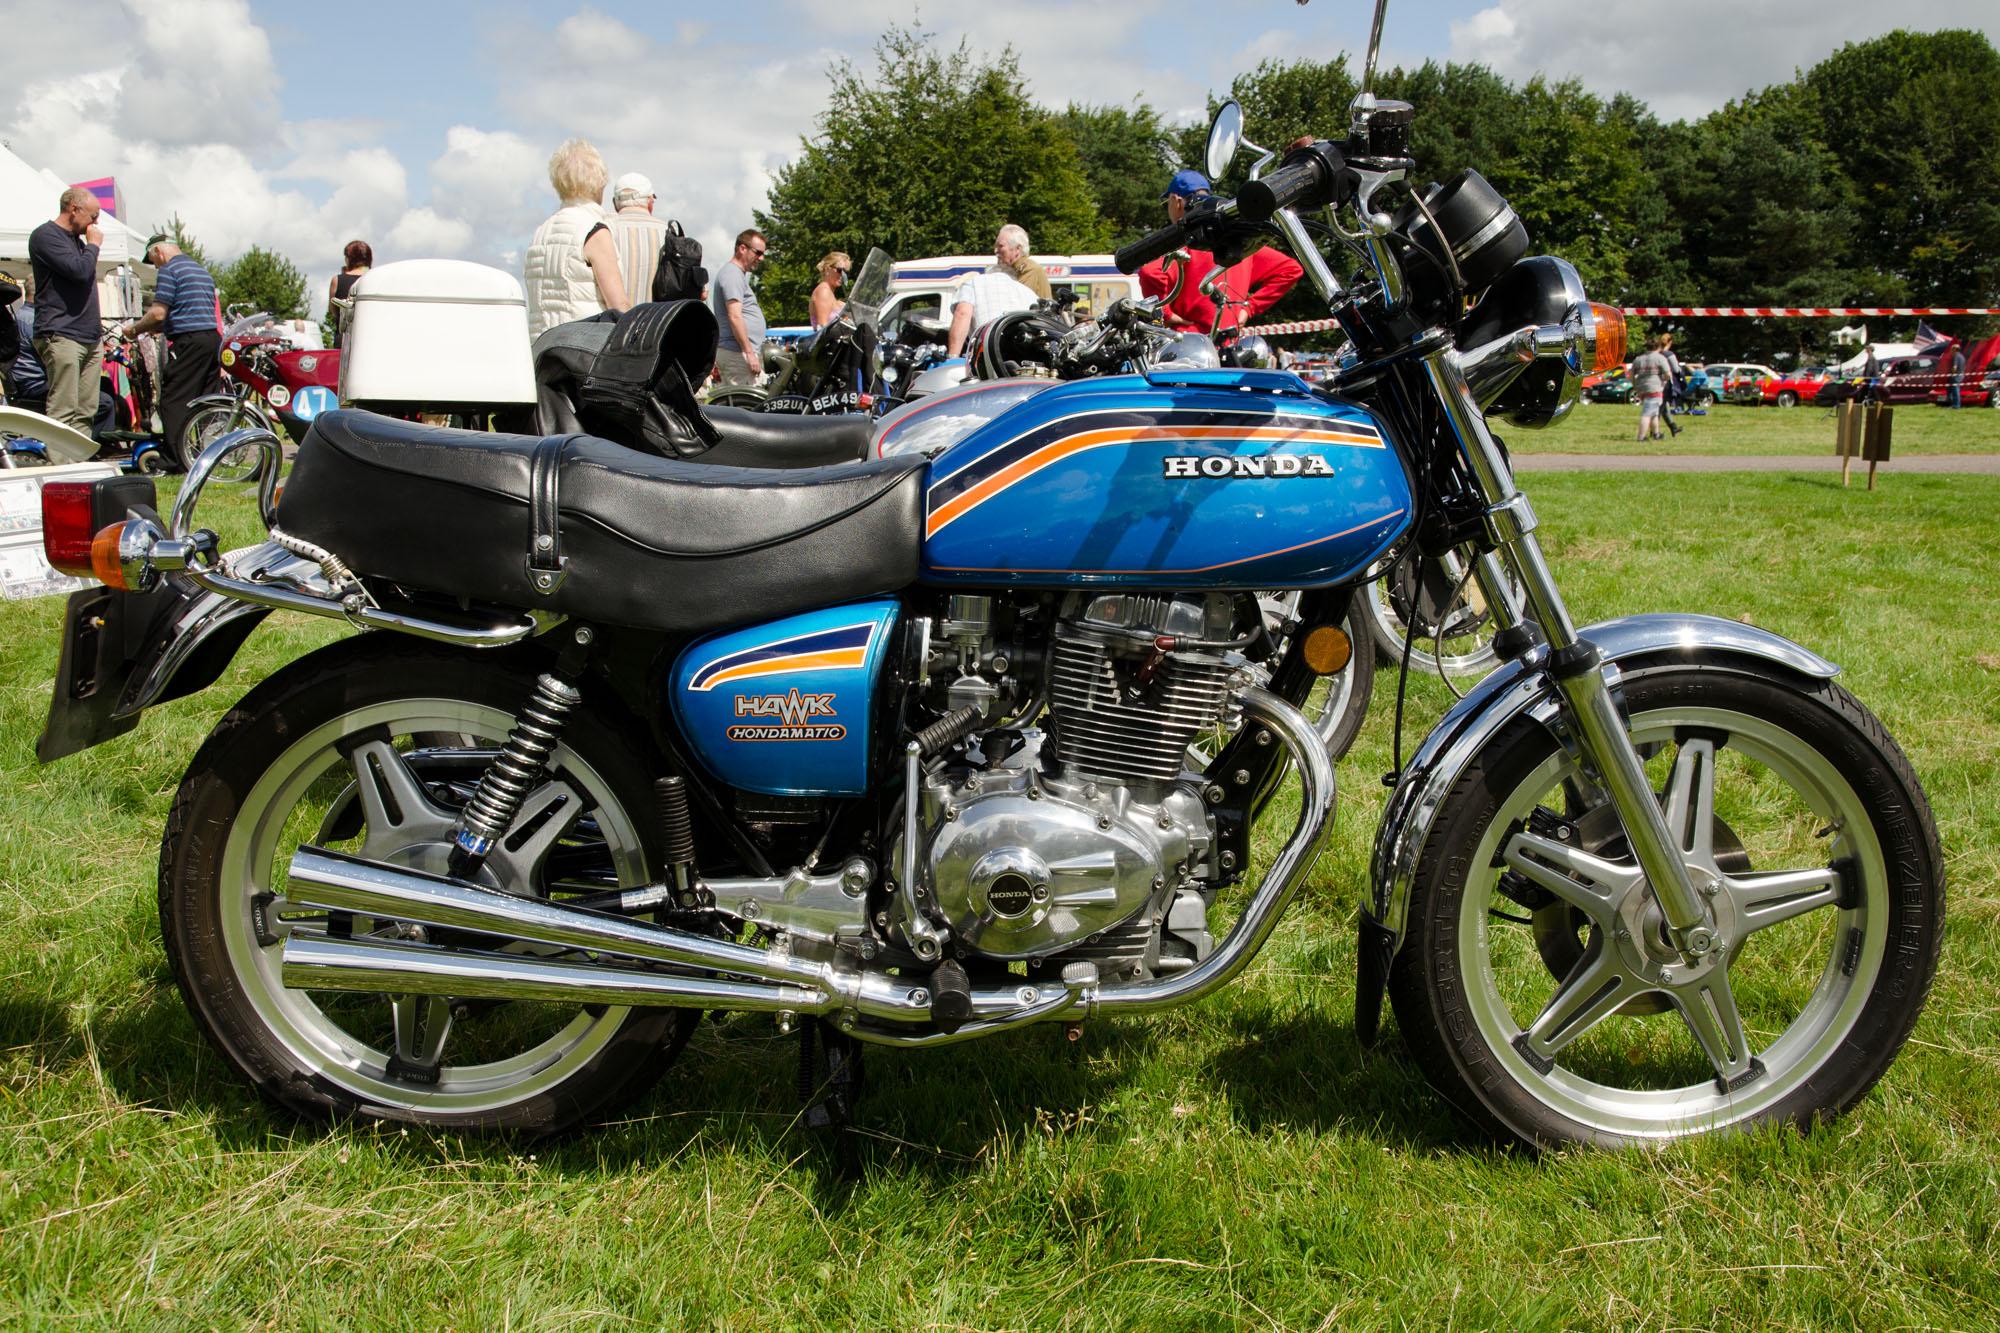 File:Honda Hawk CB400A 1978.jpg